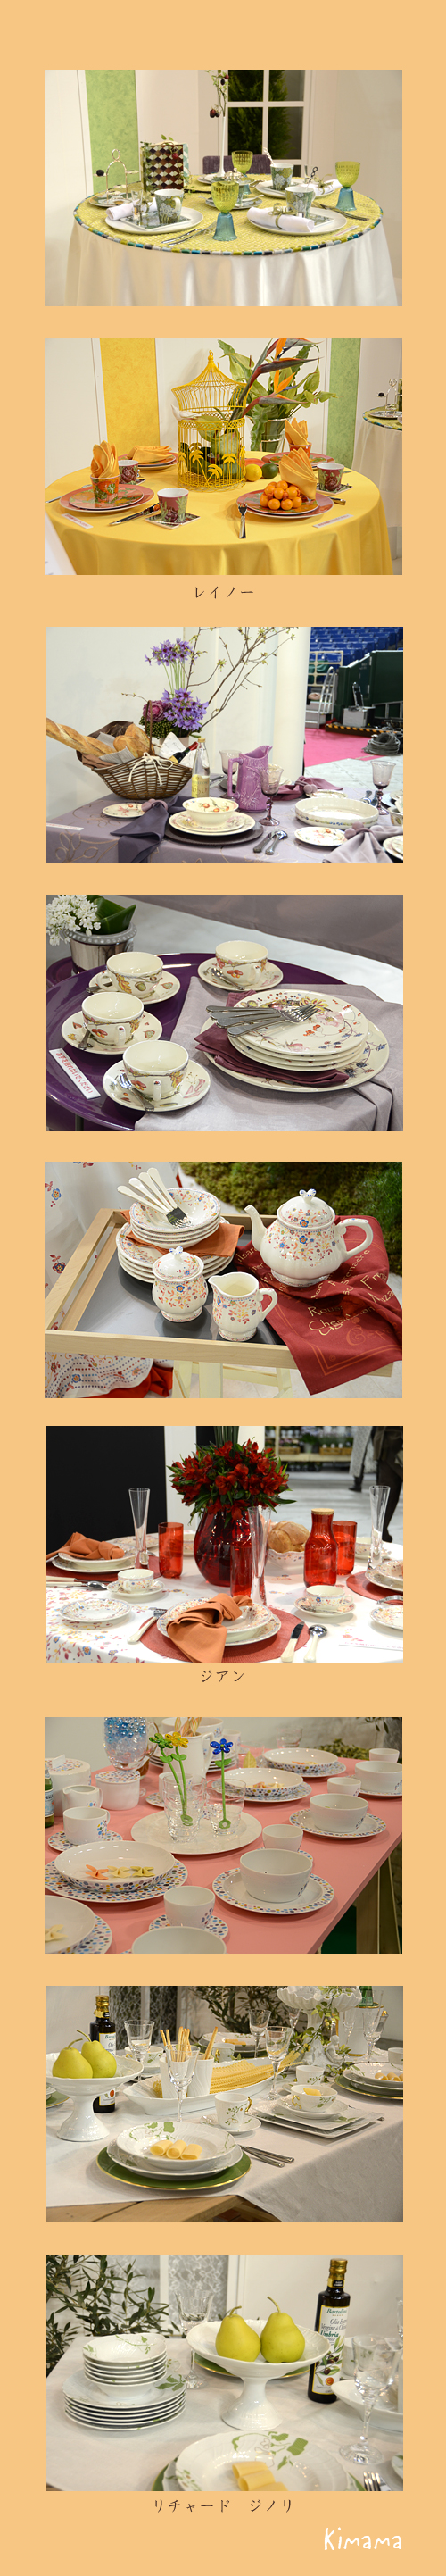 2月6日テーブルウェアフェスティバル5